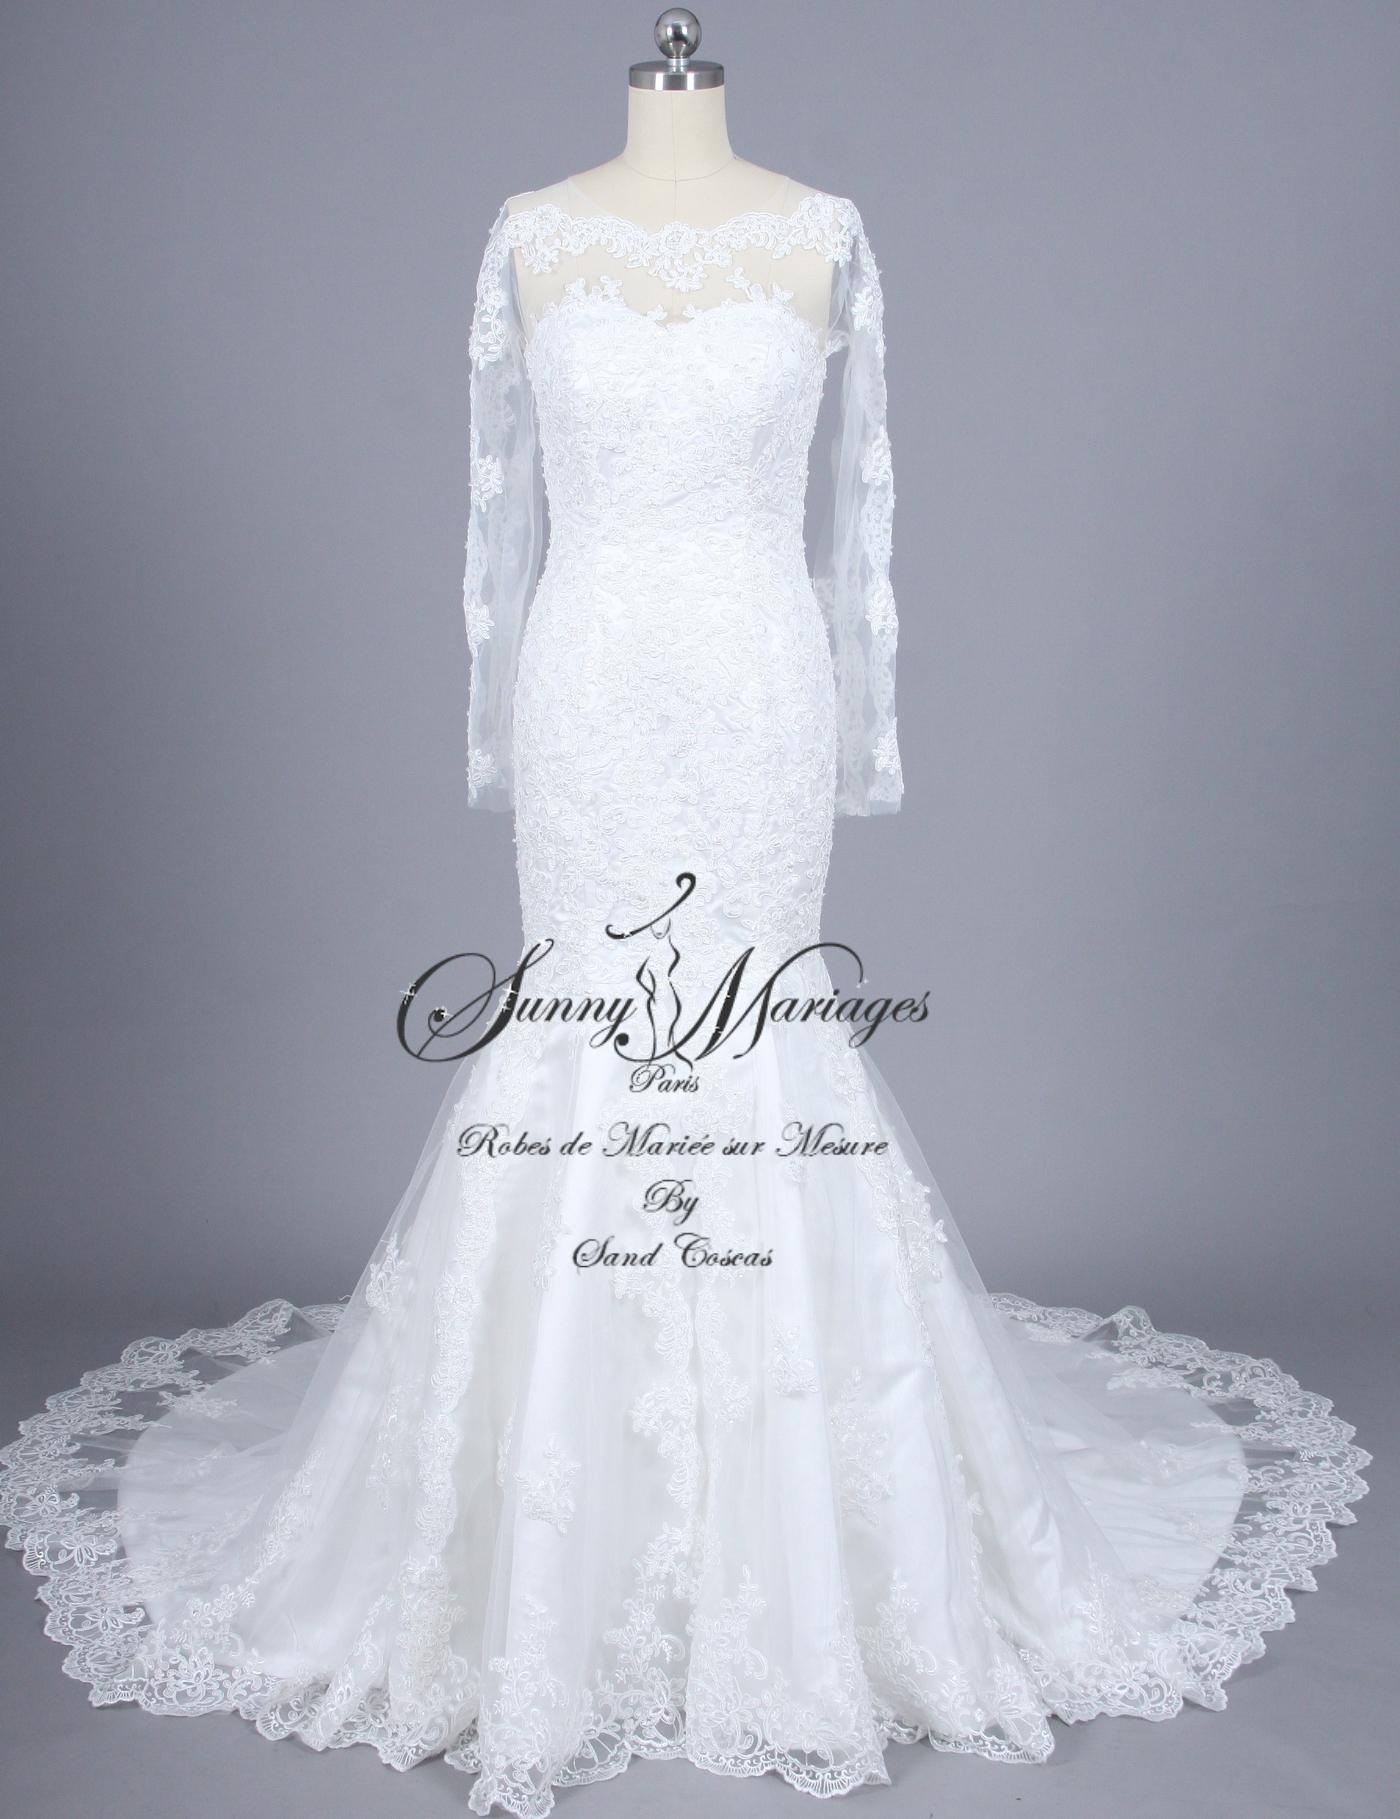 Robe de mari e dentelle manche longue sirene id es et d 39 inspiration sur le mariage - Robe de mariee sirene dentelle manche longue ...